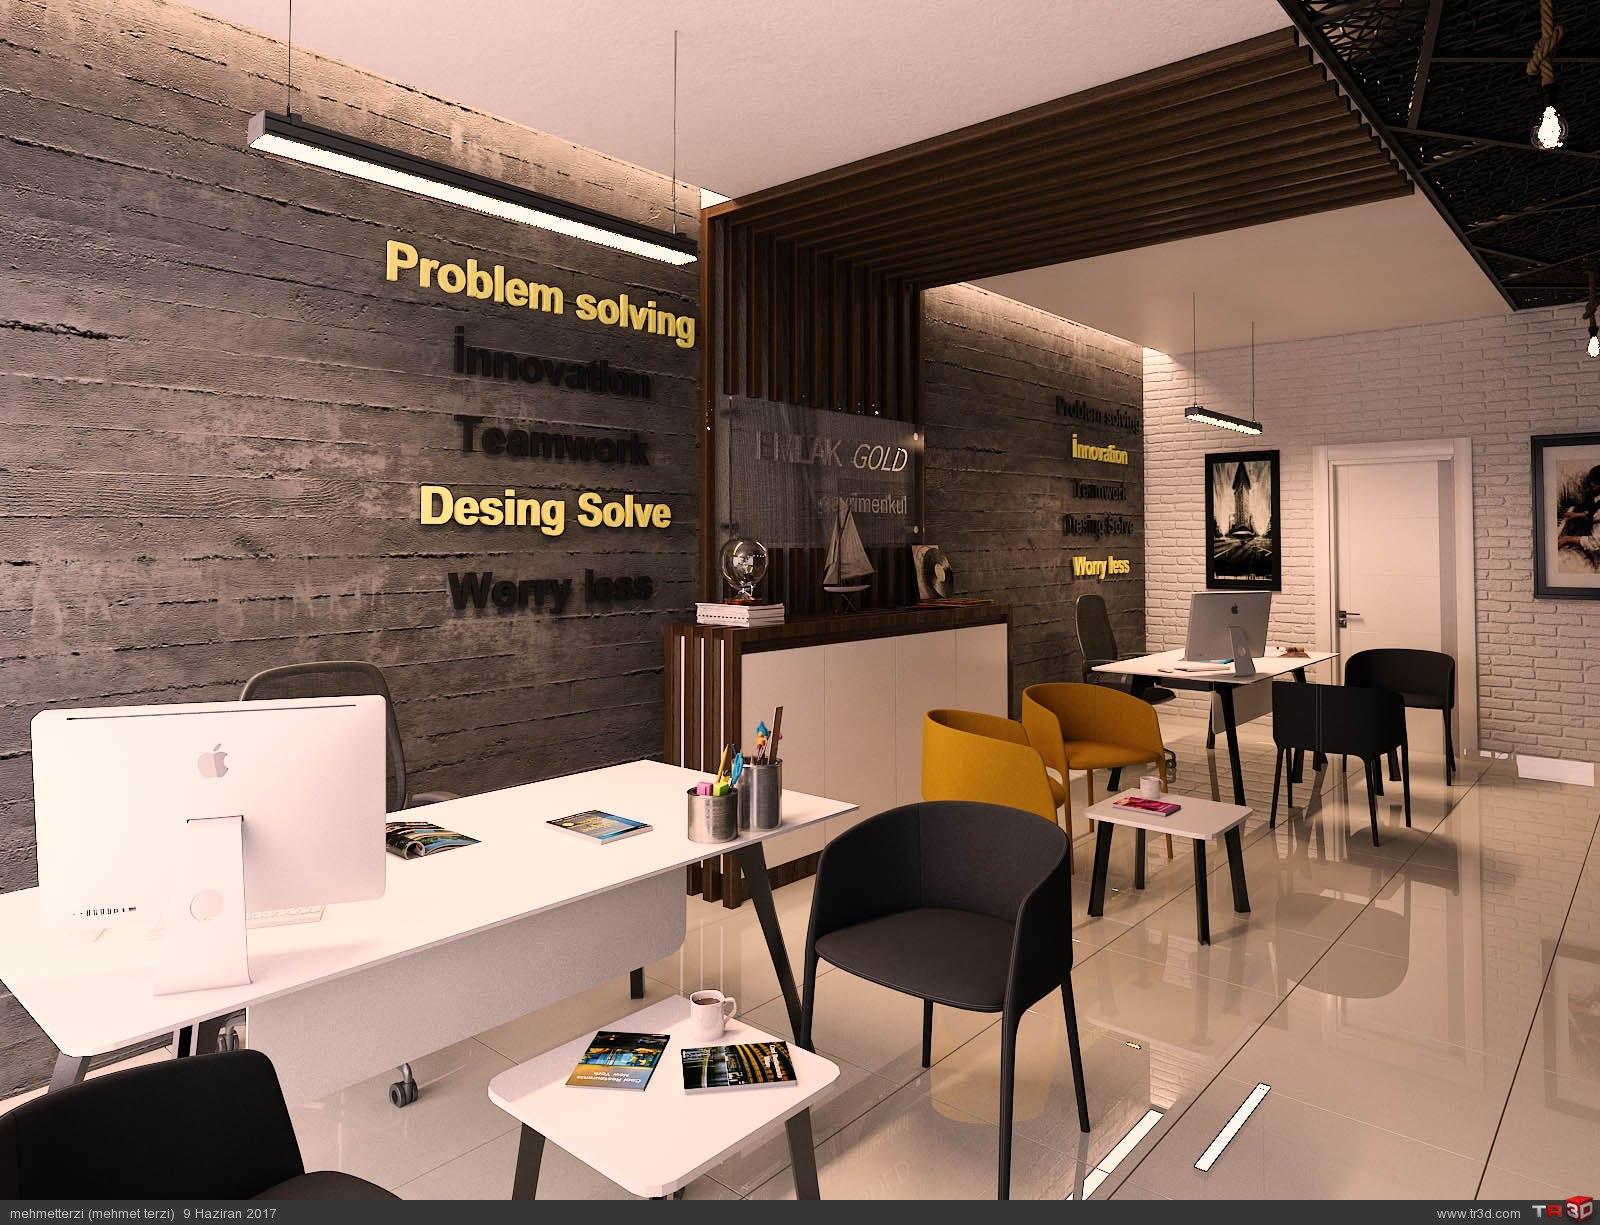 M.K emlak ofisi tasarımı